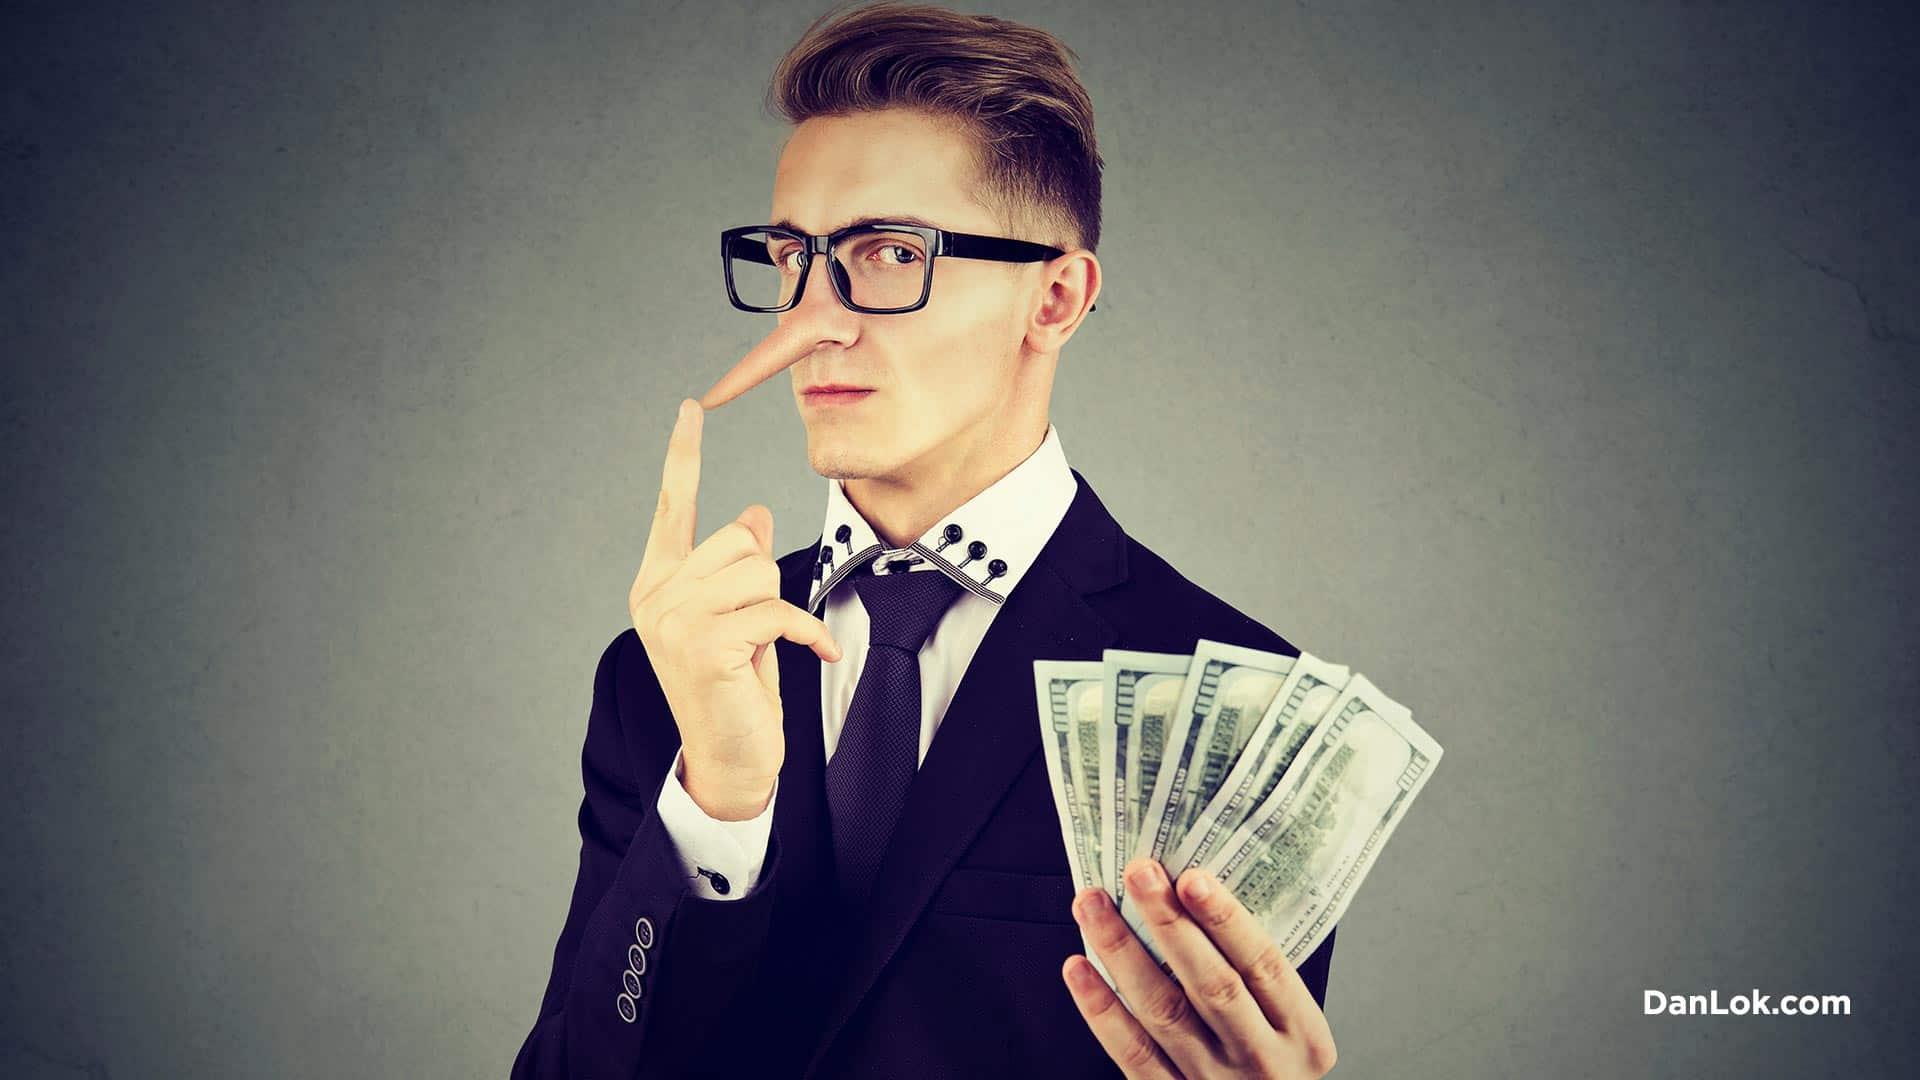 die Geheimnisse, wie man sein Geld wie die Reichen richtig verwaltet